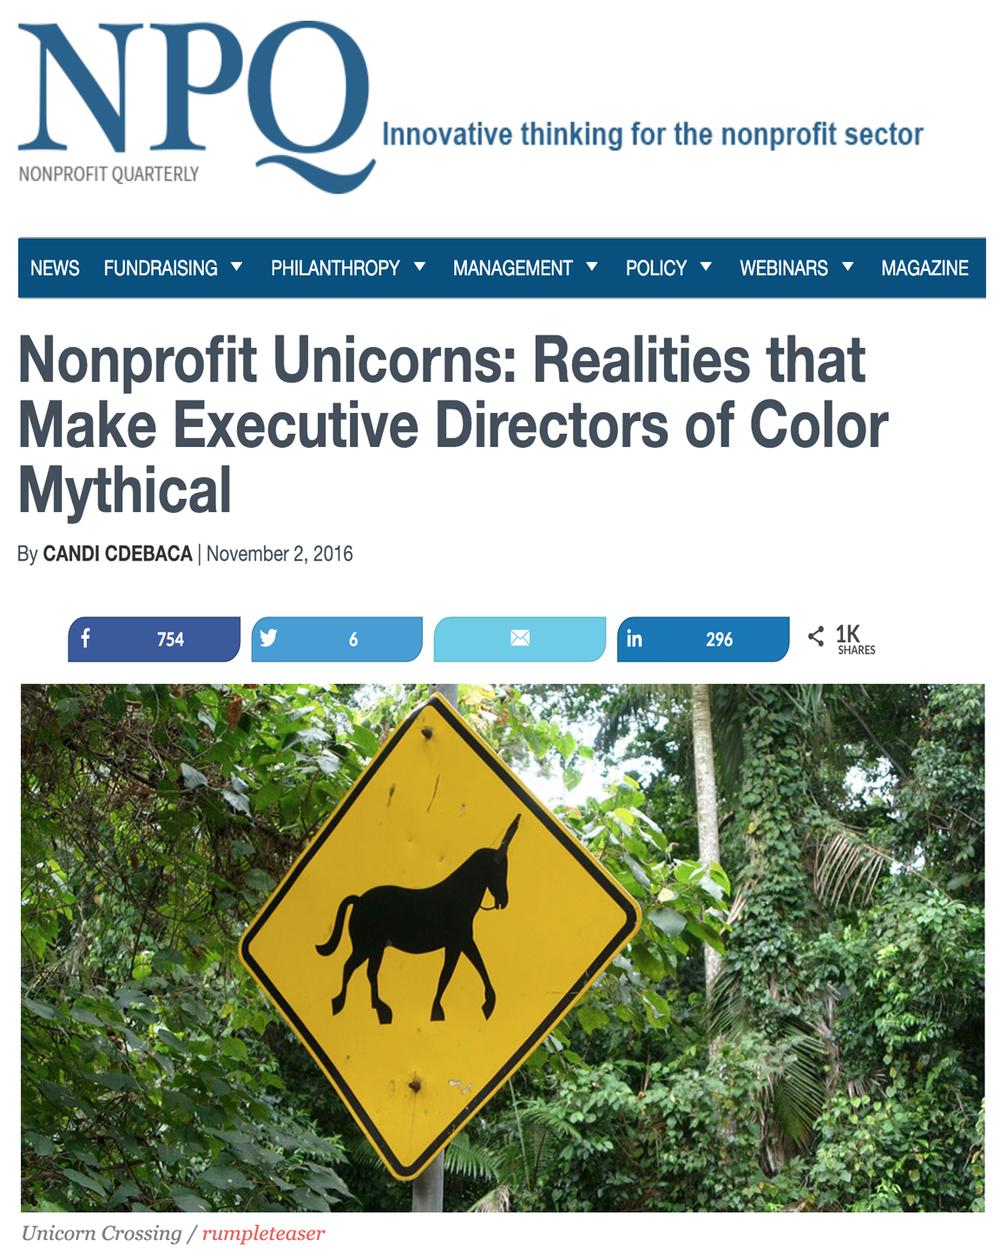 Unicorns sin fines de lucro: realidades que hacen a los directores ejecutivos de Color Mythical -